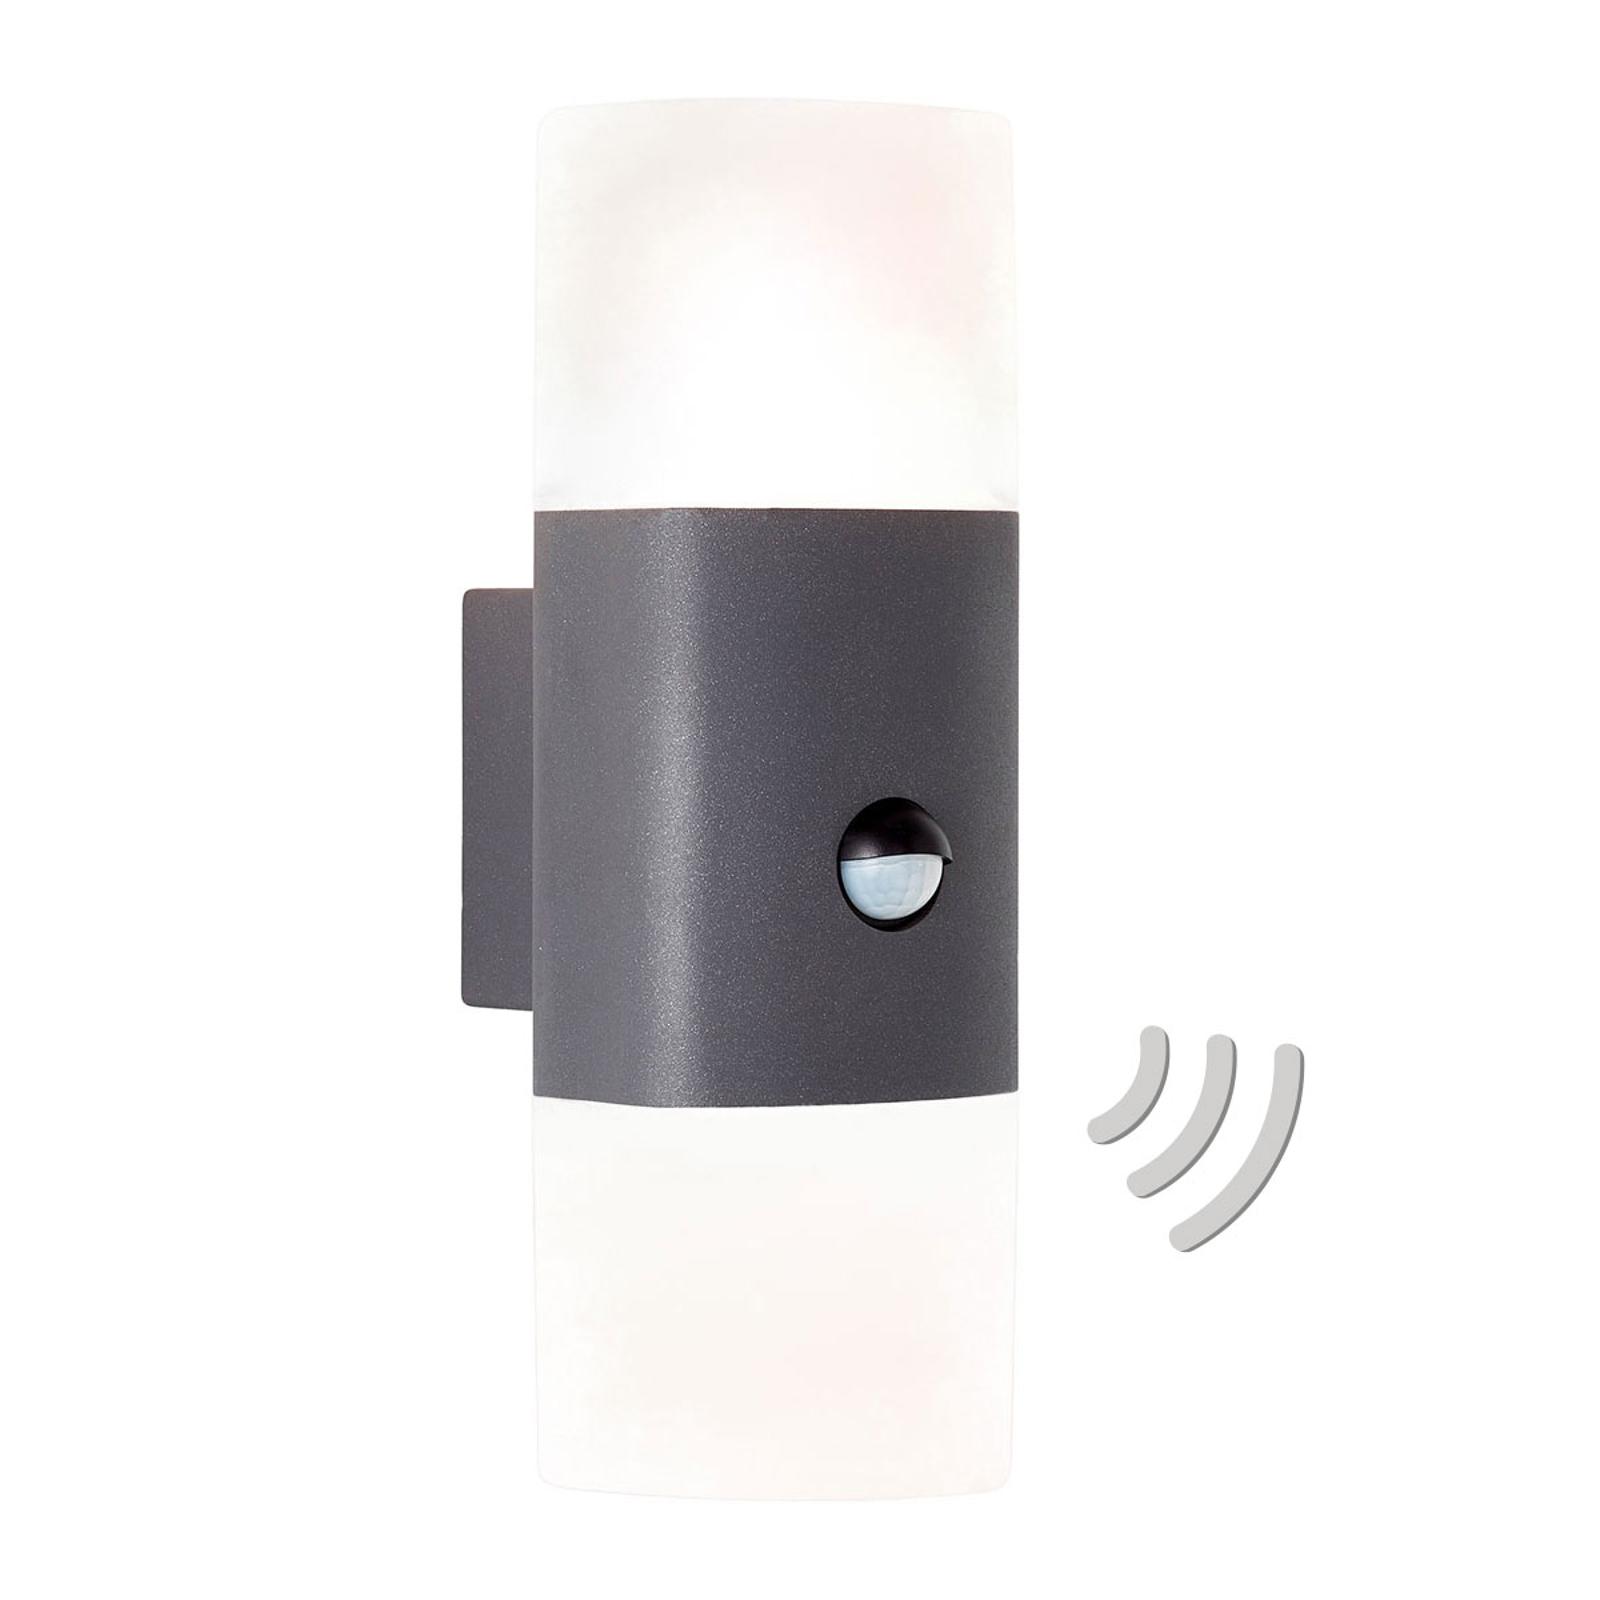 AEG Farlay kinkiet zewnętrzny LED, 2-pkt. czujnik